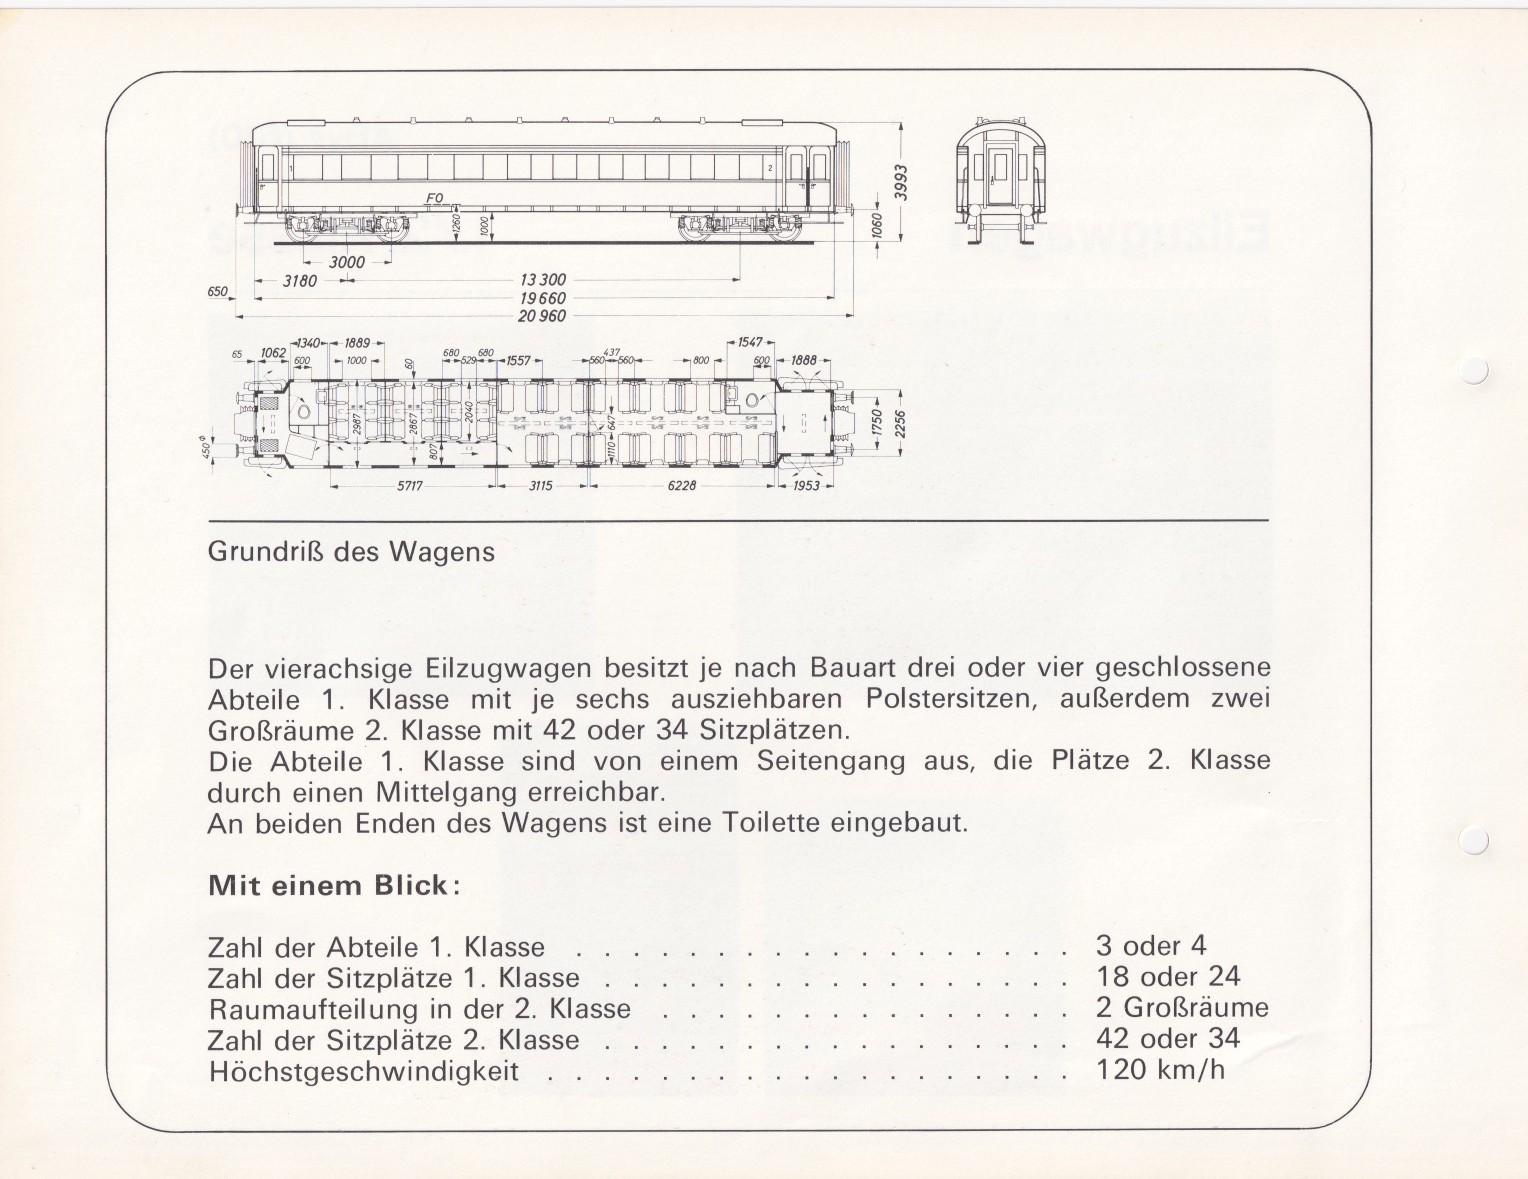 https://www.nullclub.de/hifo/Fahrzeuglexikon/Wagen21b.jpg